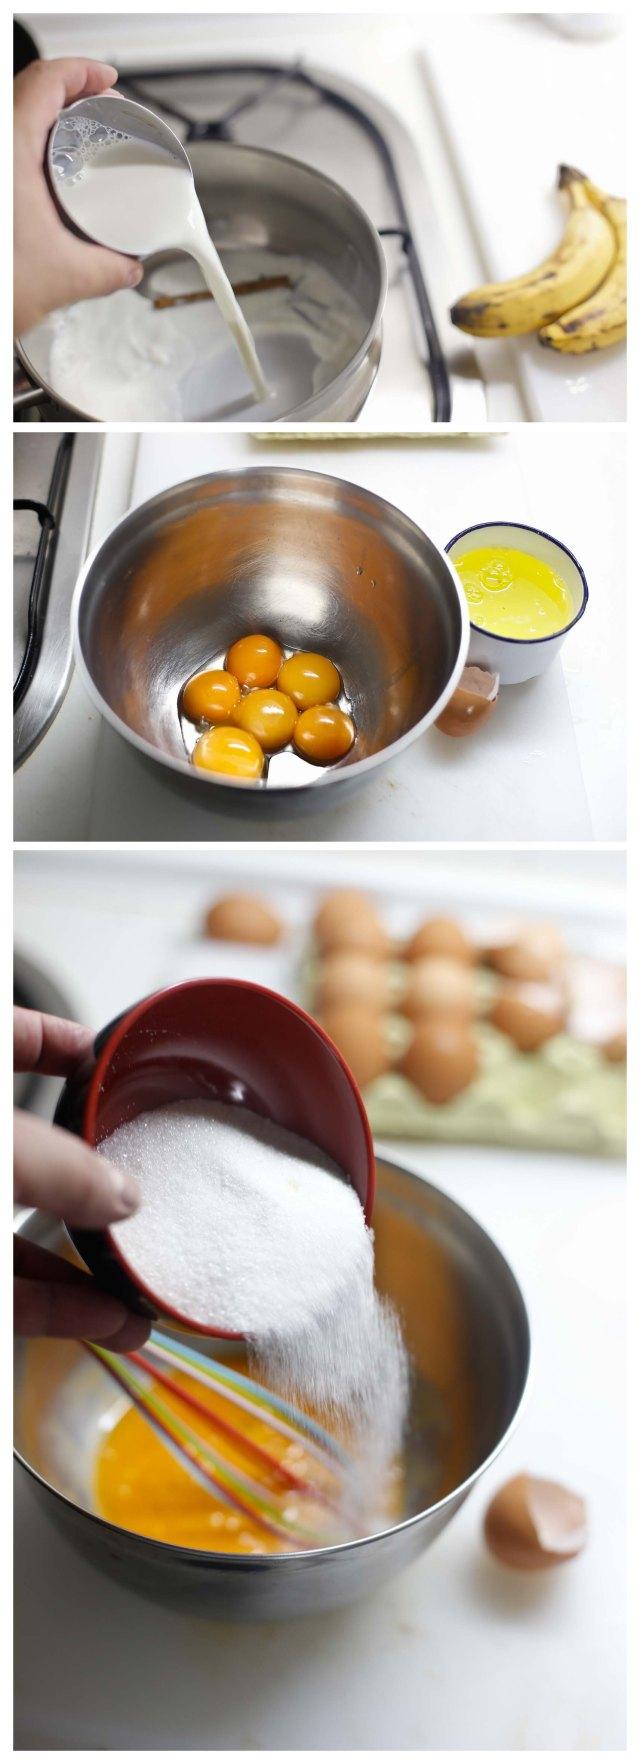 Elaboracion de crema inglesa